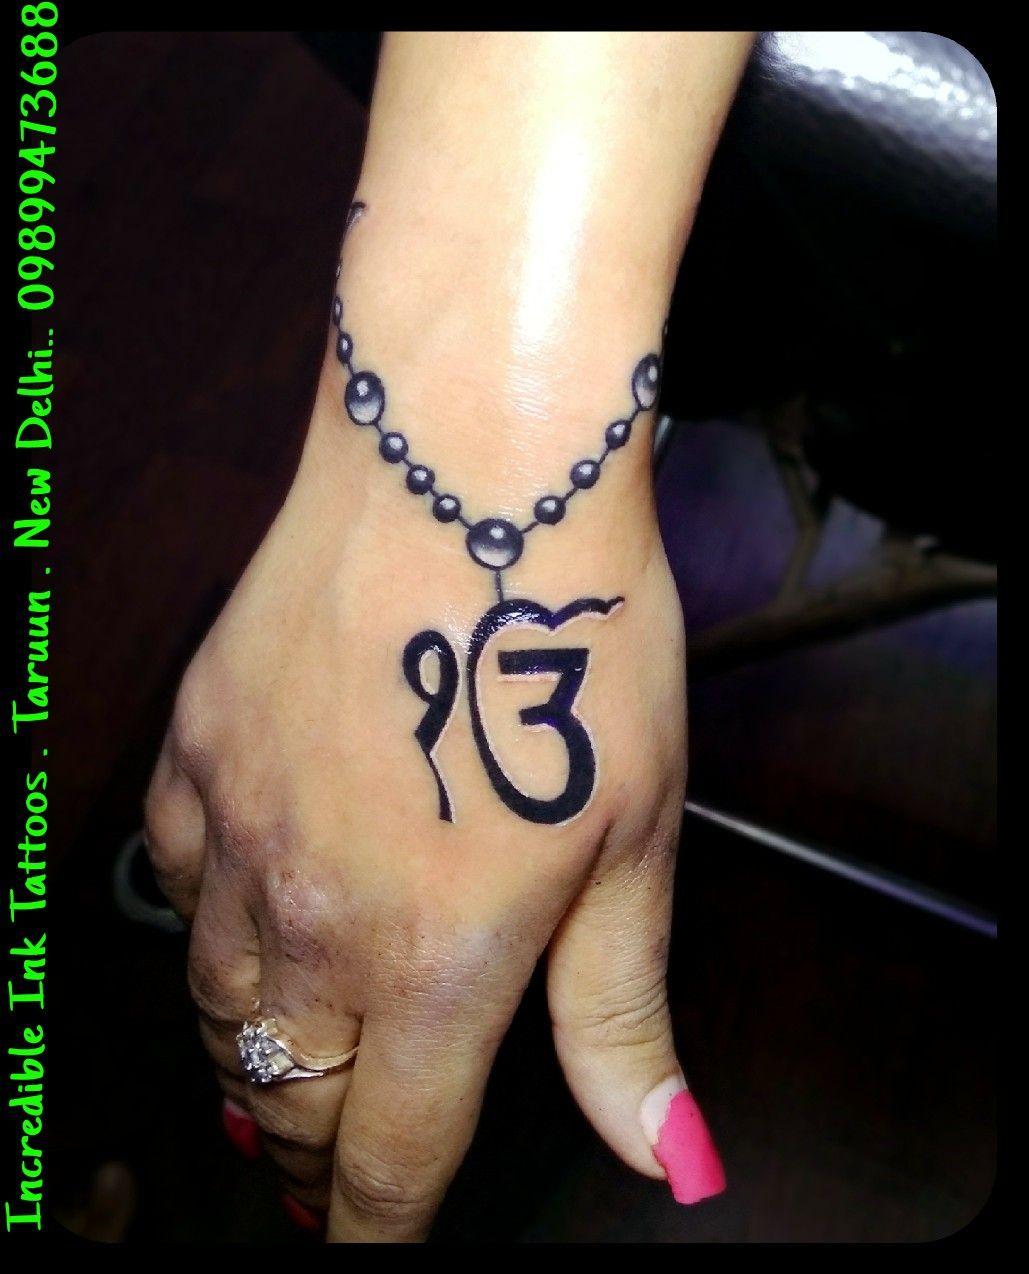 f678f6ae28bbe IkOnkar #Bracelet #3d #Tattoo Ikonkar Bracelet 3d Tattoos ...